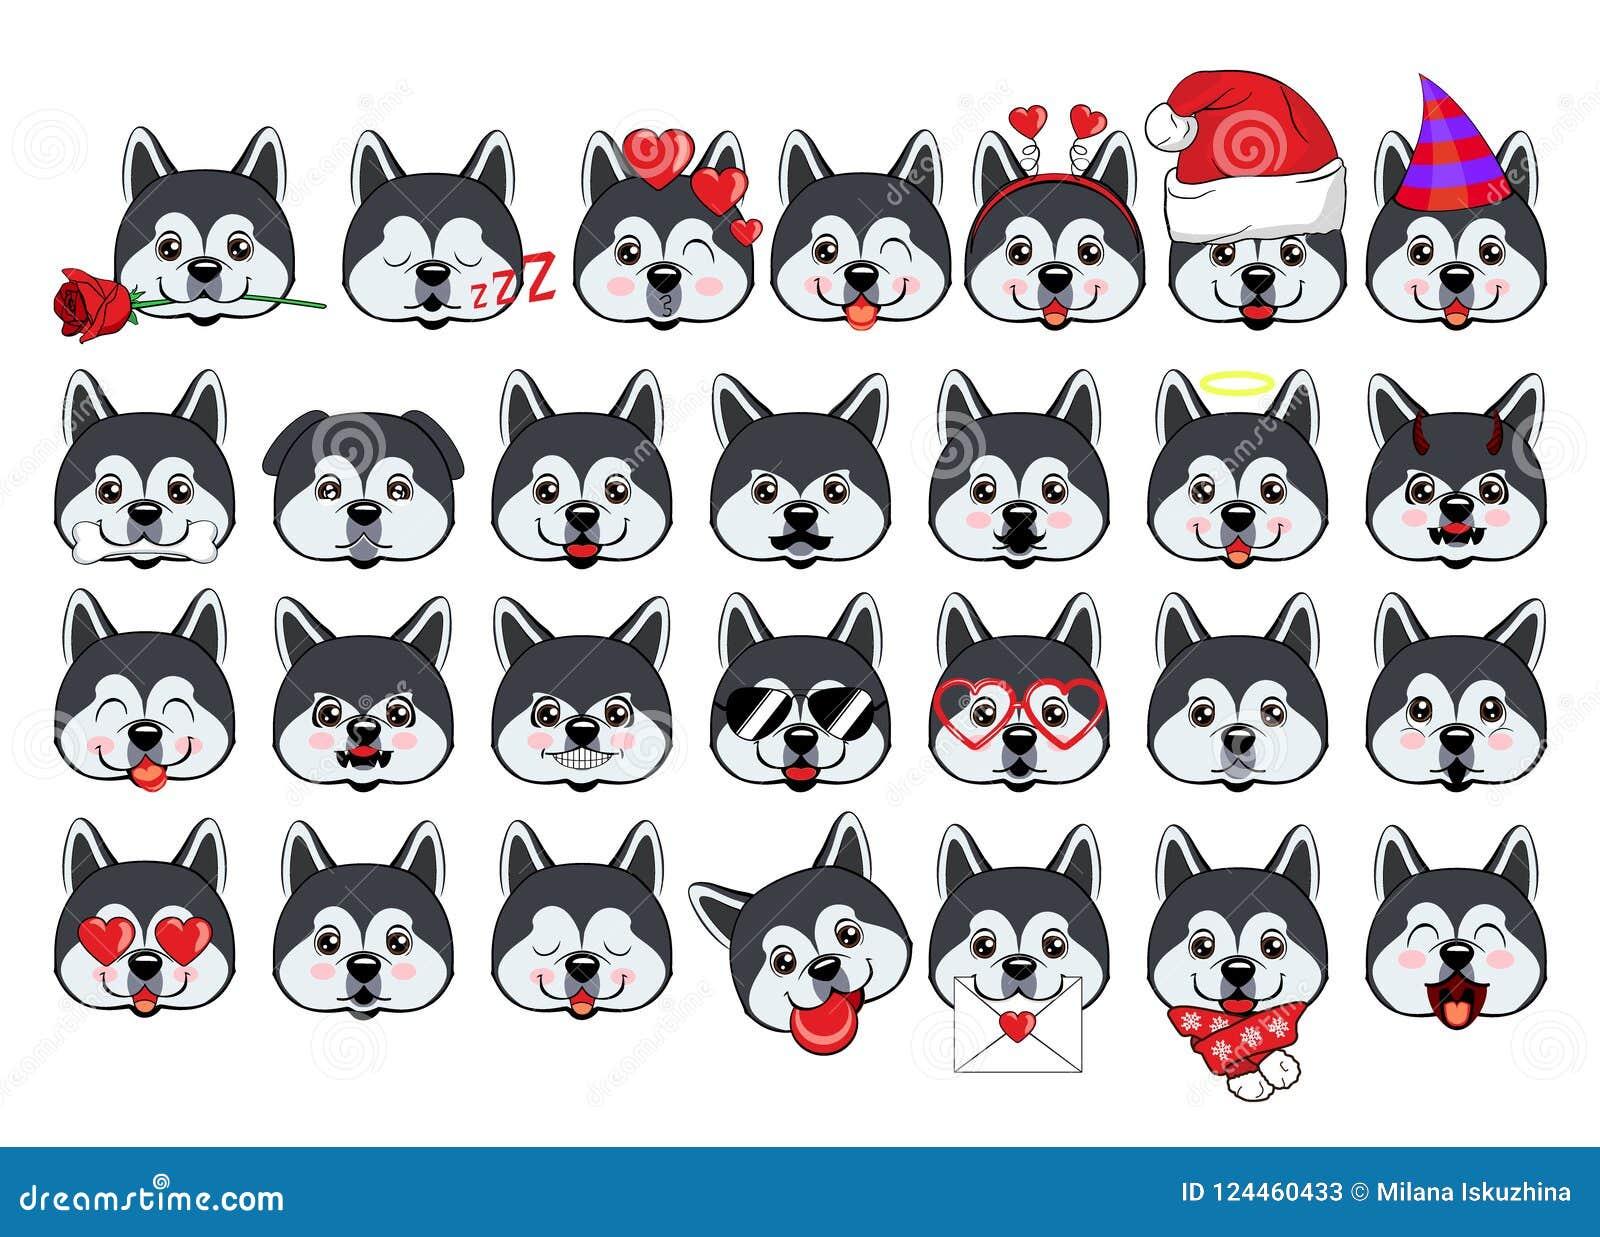 Ampuła ustawiająca głowy mali psy z różnymi emocjami i różnymi przedmiotami